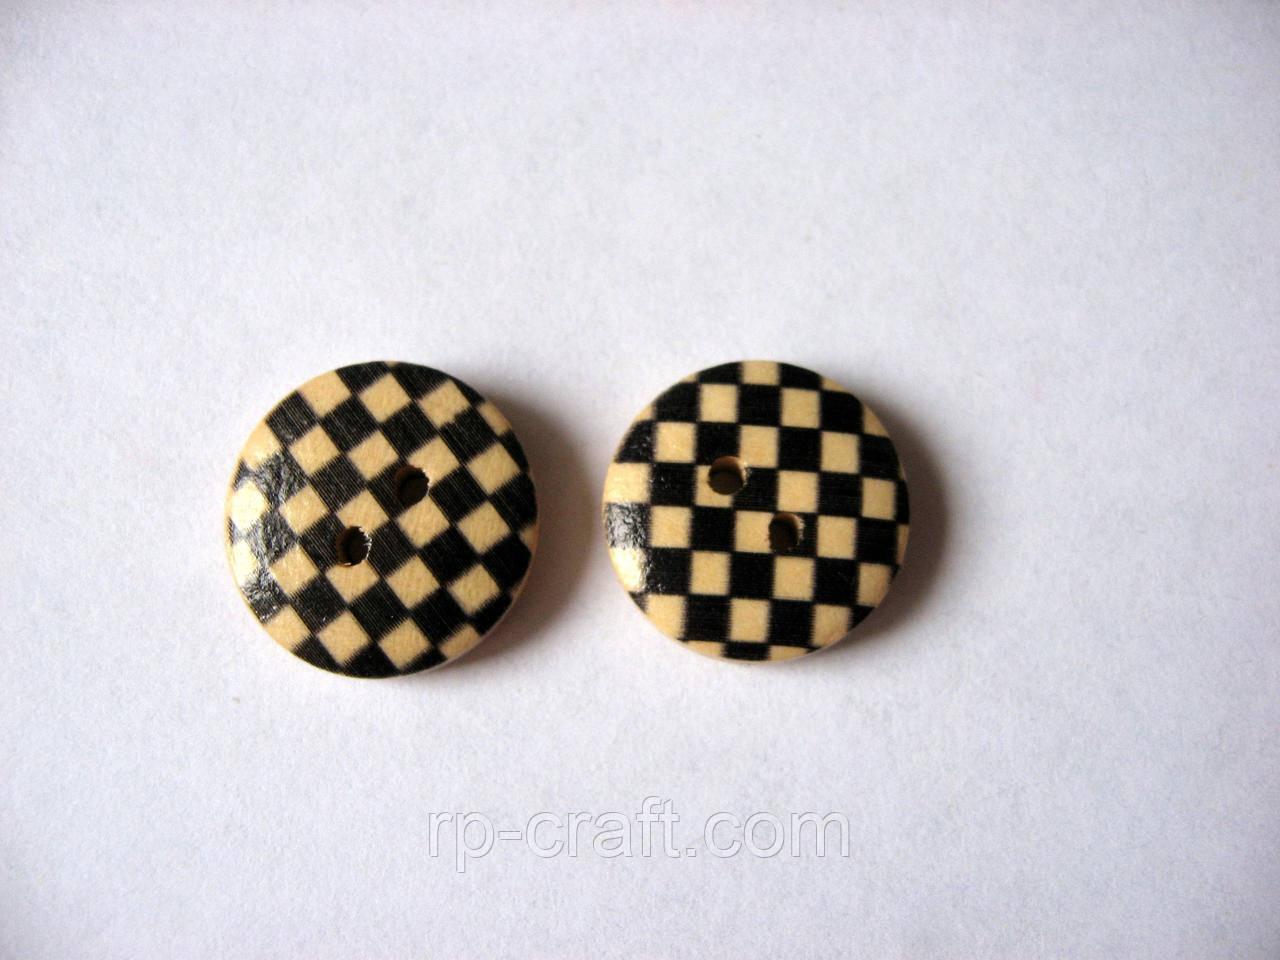 Пуговица деревянная, декоративная.  Круглая, в черную клетку, 15 мм